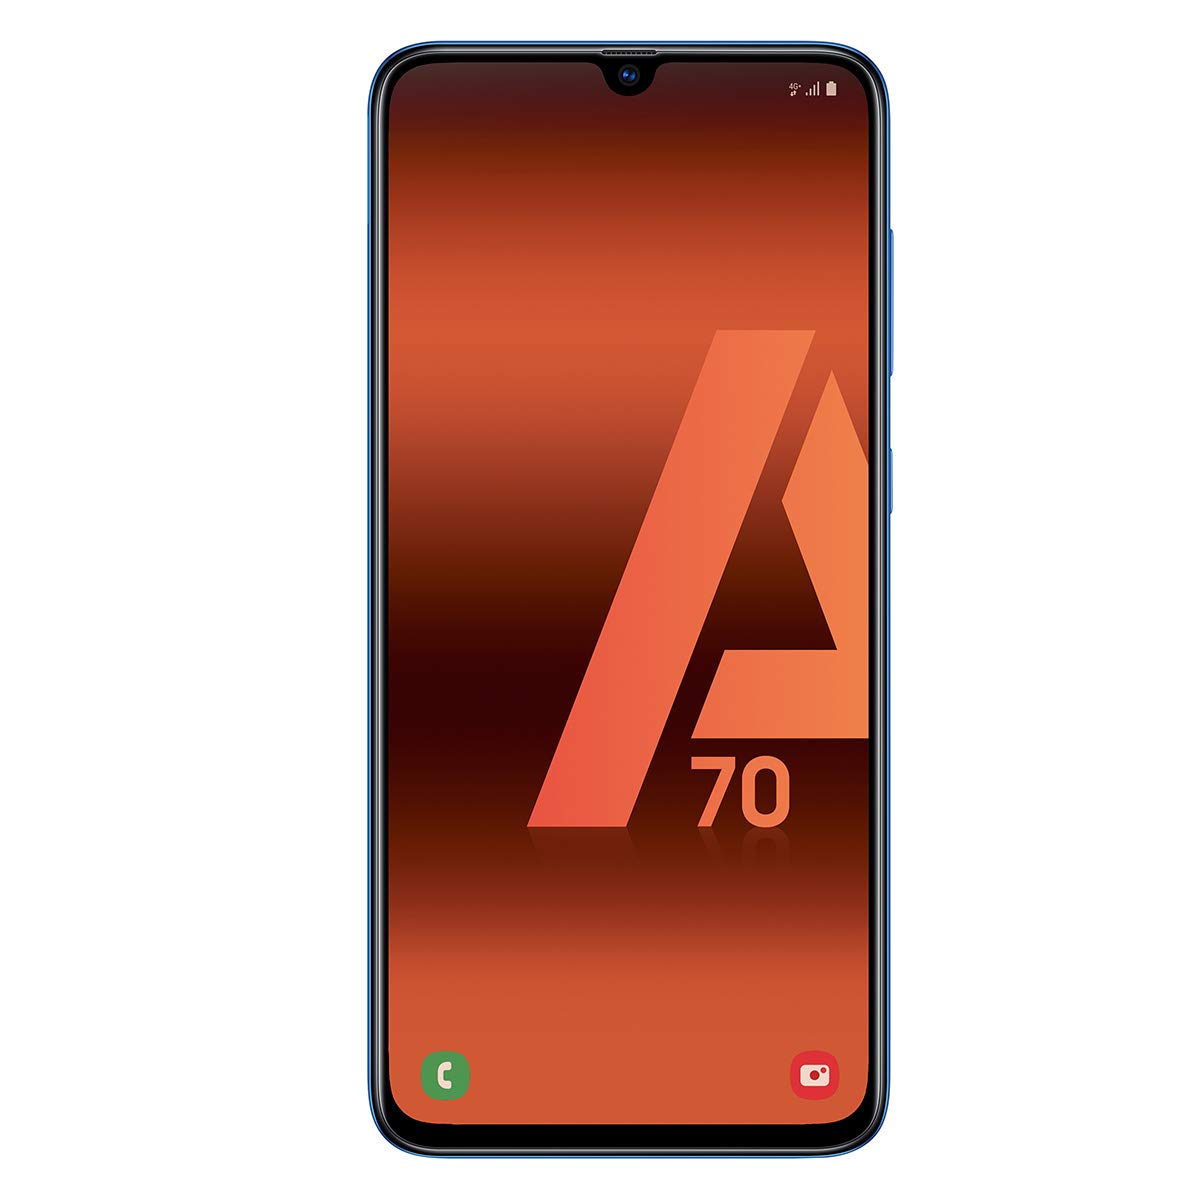 Samsung Galaxy A70 - Los mejores telefonos por 500 euros